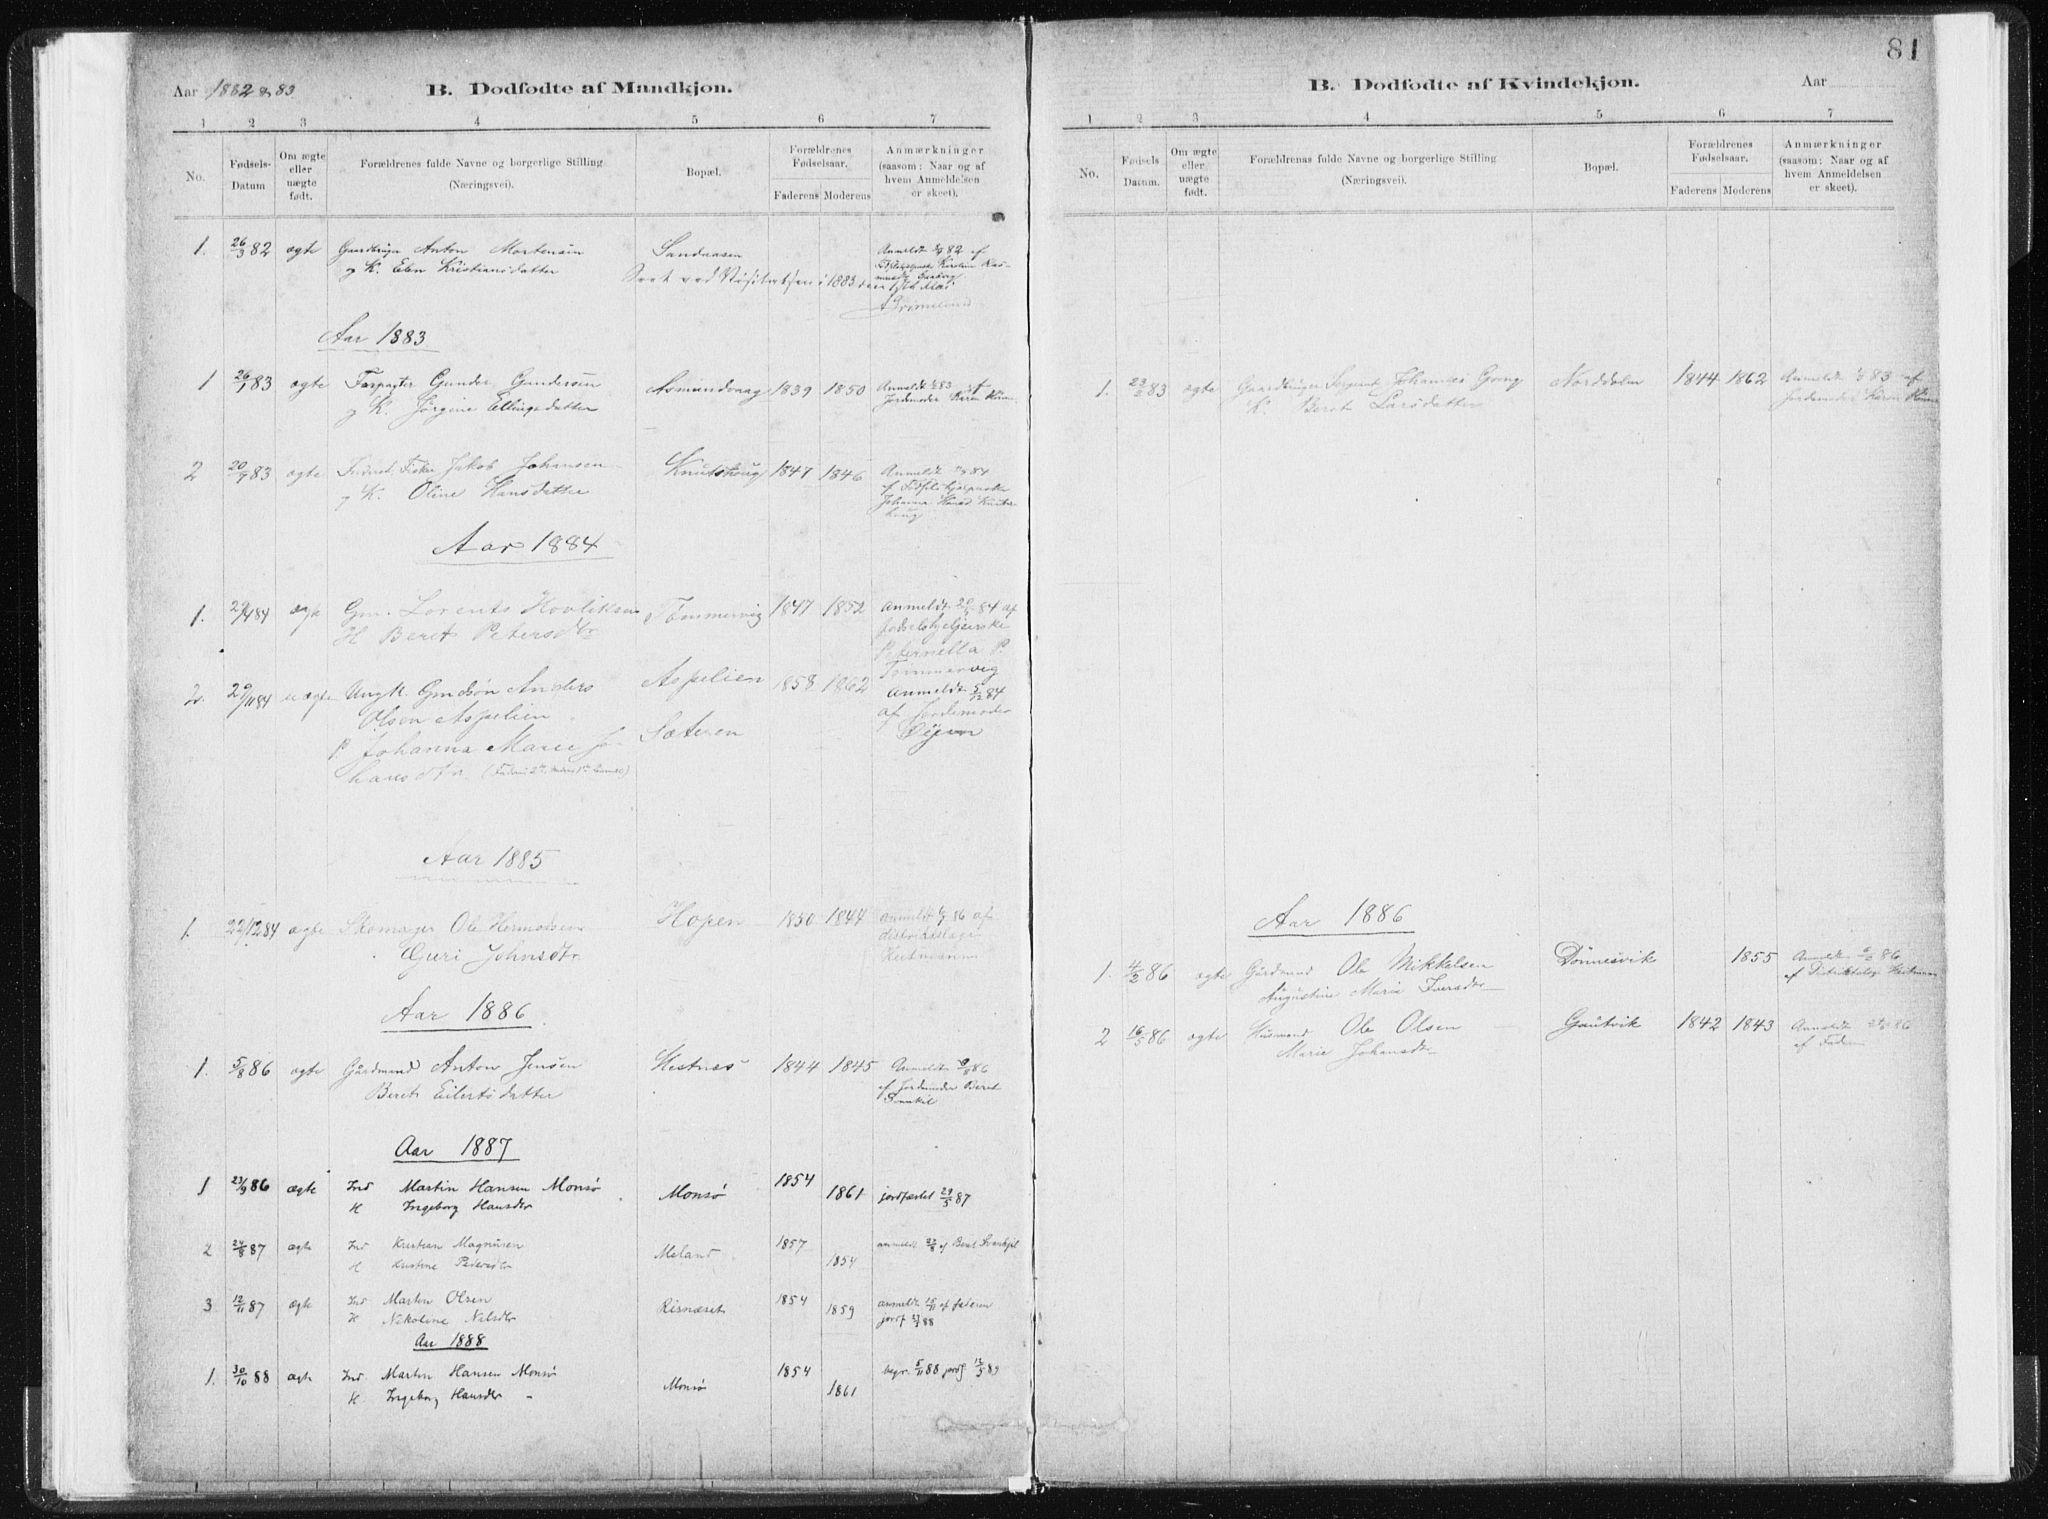 SAT, Ministerialprotokoller, klokkerbøker og fødselsregistre - Sør-Trøndelag, 634/L0533: Ministerialbok nr. 634A09, 1882-1901, s. 81